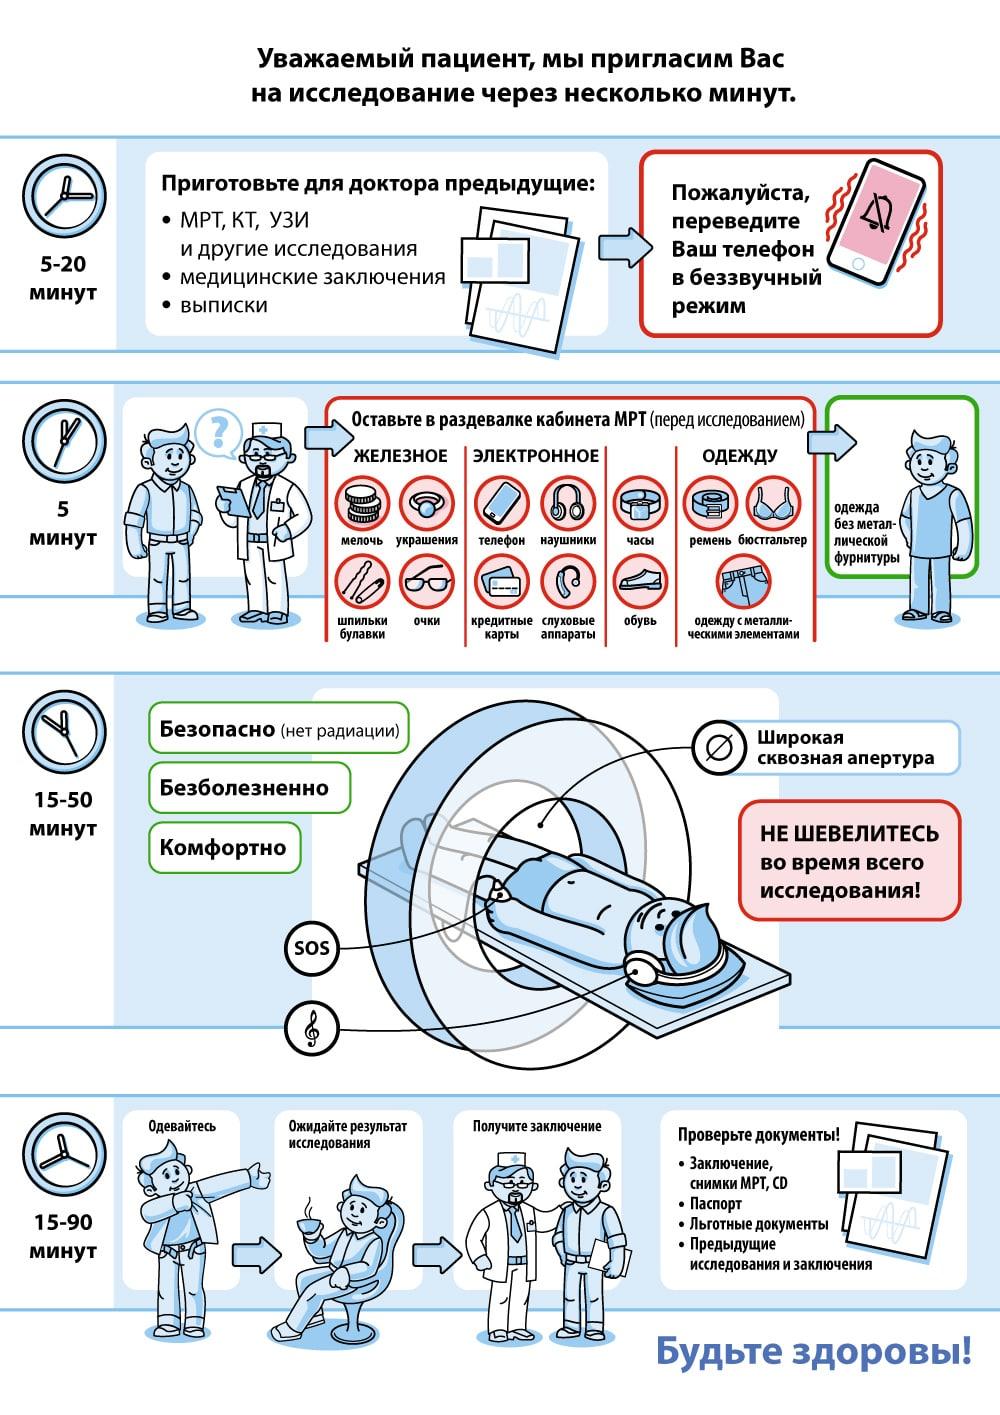 Отличия методик УЗИ и МРТ